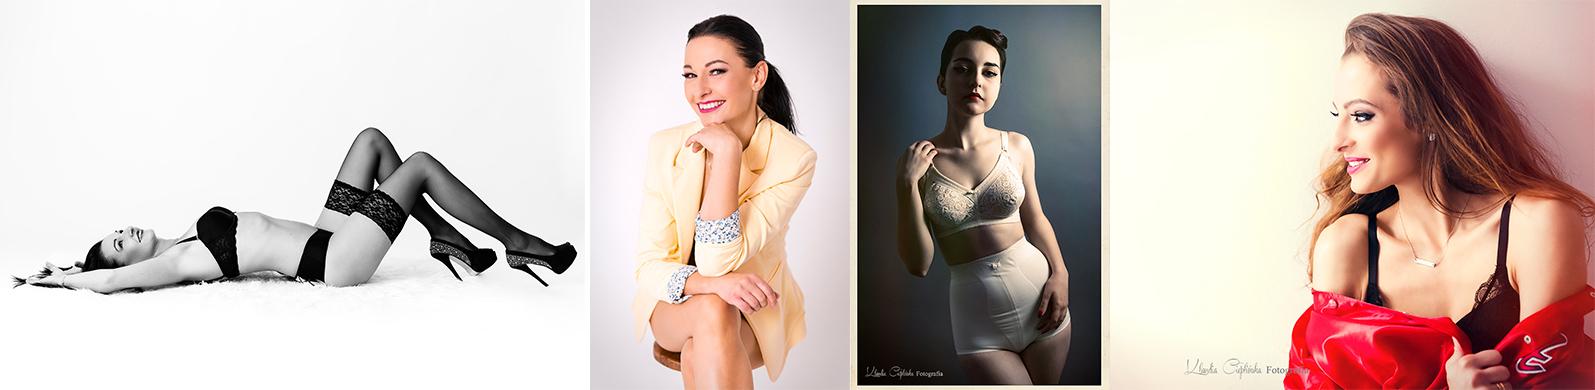 Klaudia Cieplińska - fotografia kobiet Jelenia Góra. Sesje w studio i w plenerze. Artystyczne zdjęcia boudoir z nowoczesnym retuszem.